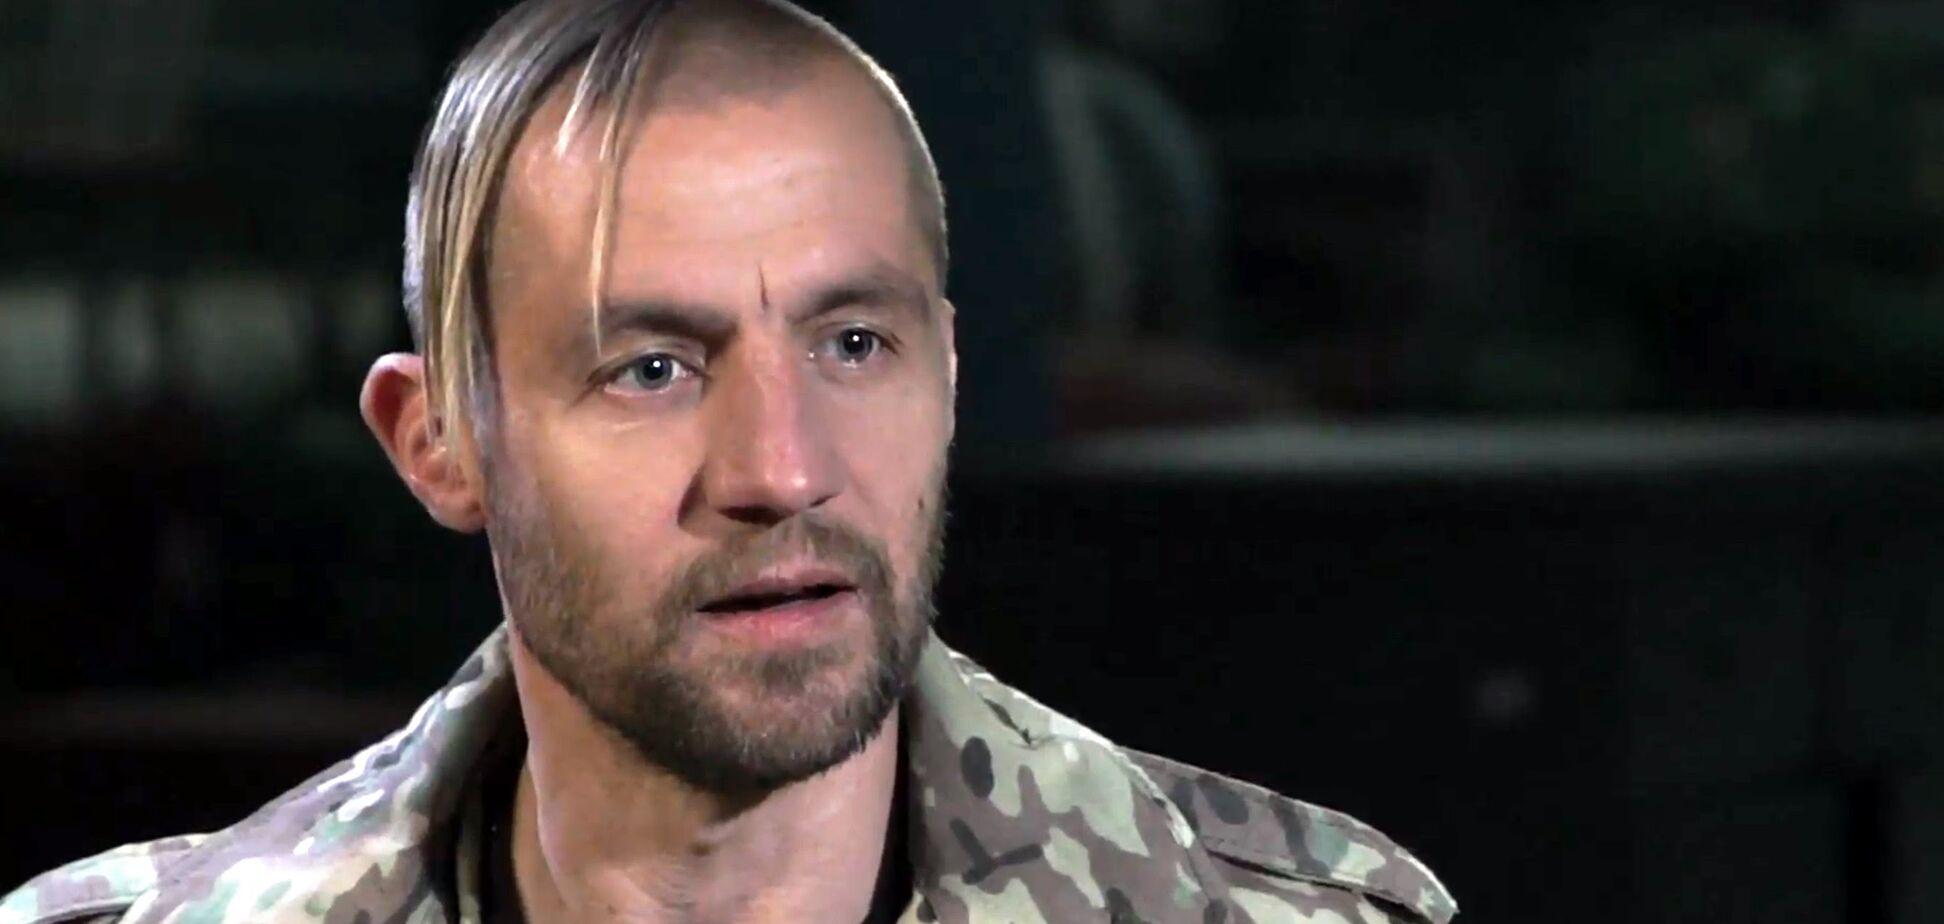 'Скоро всем будет несладко!' Украинцы высказались о нападении на 'козака' Гаврилюка